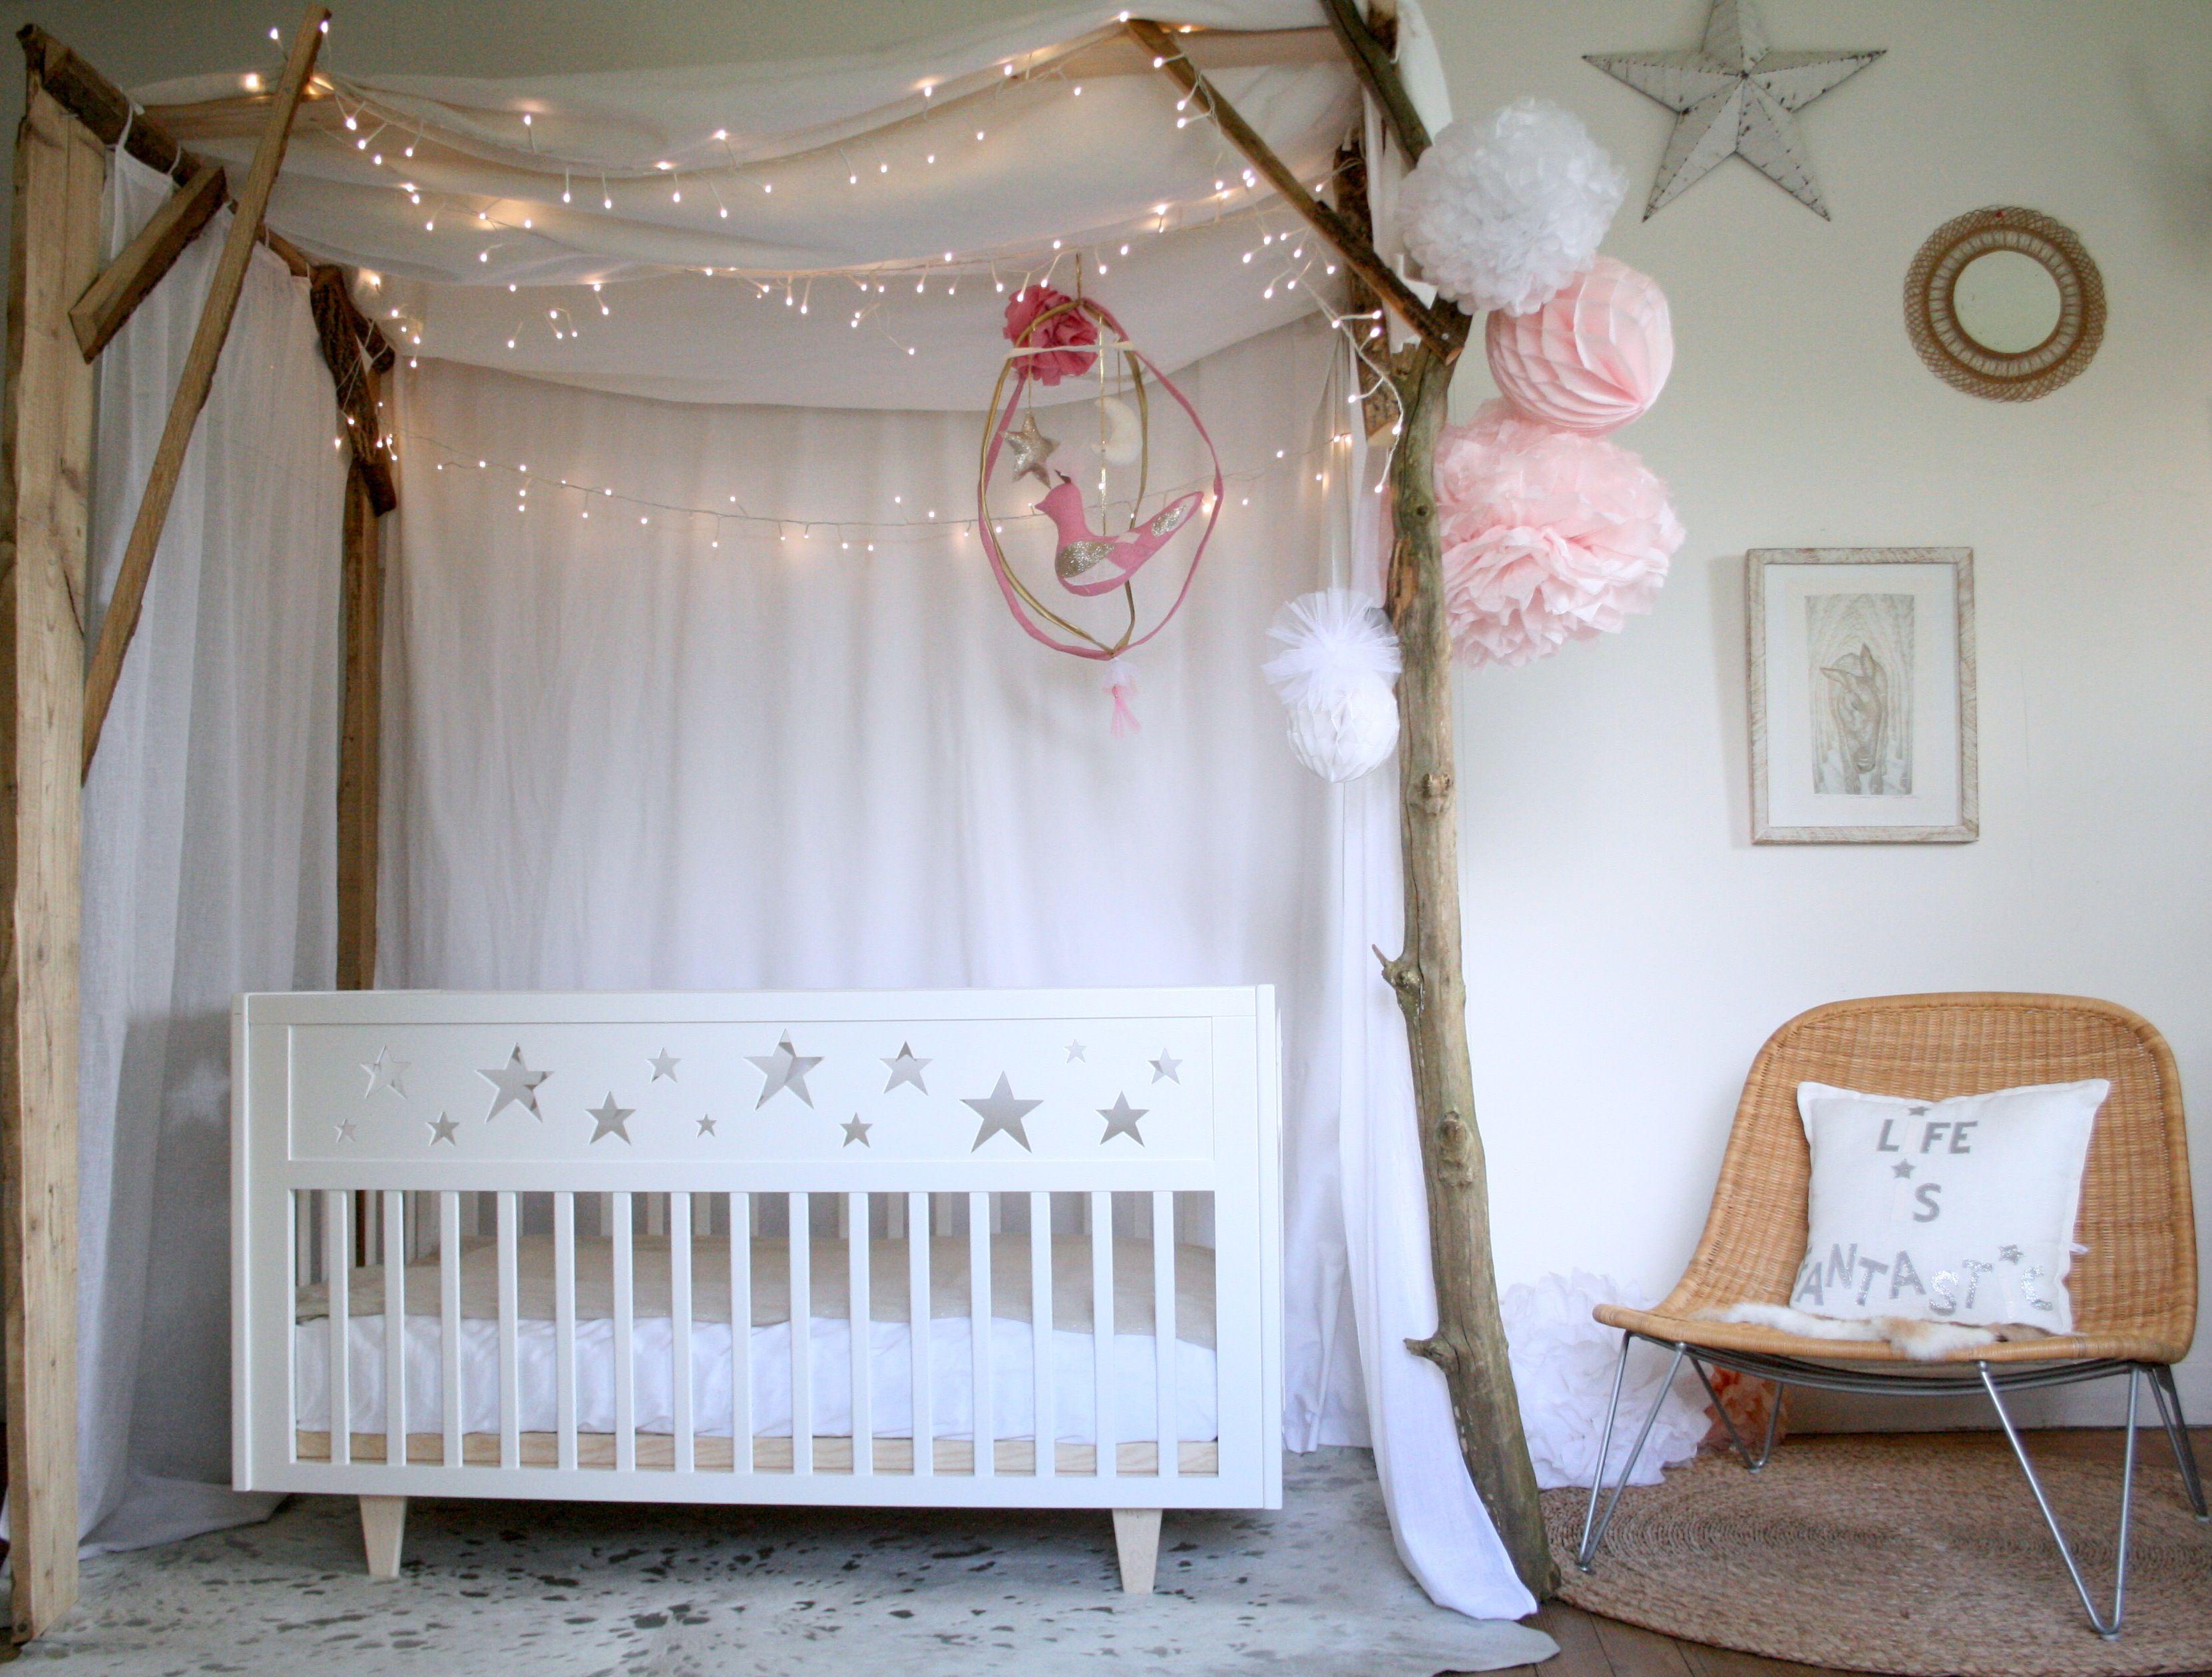 chambre evolutive ikea with chambre evolutive ikea. Black Bedroom Furniture Sets. Home Design Ideas